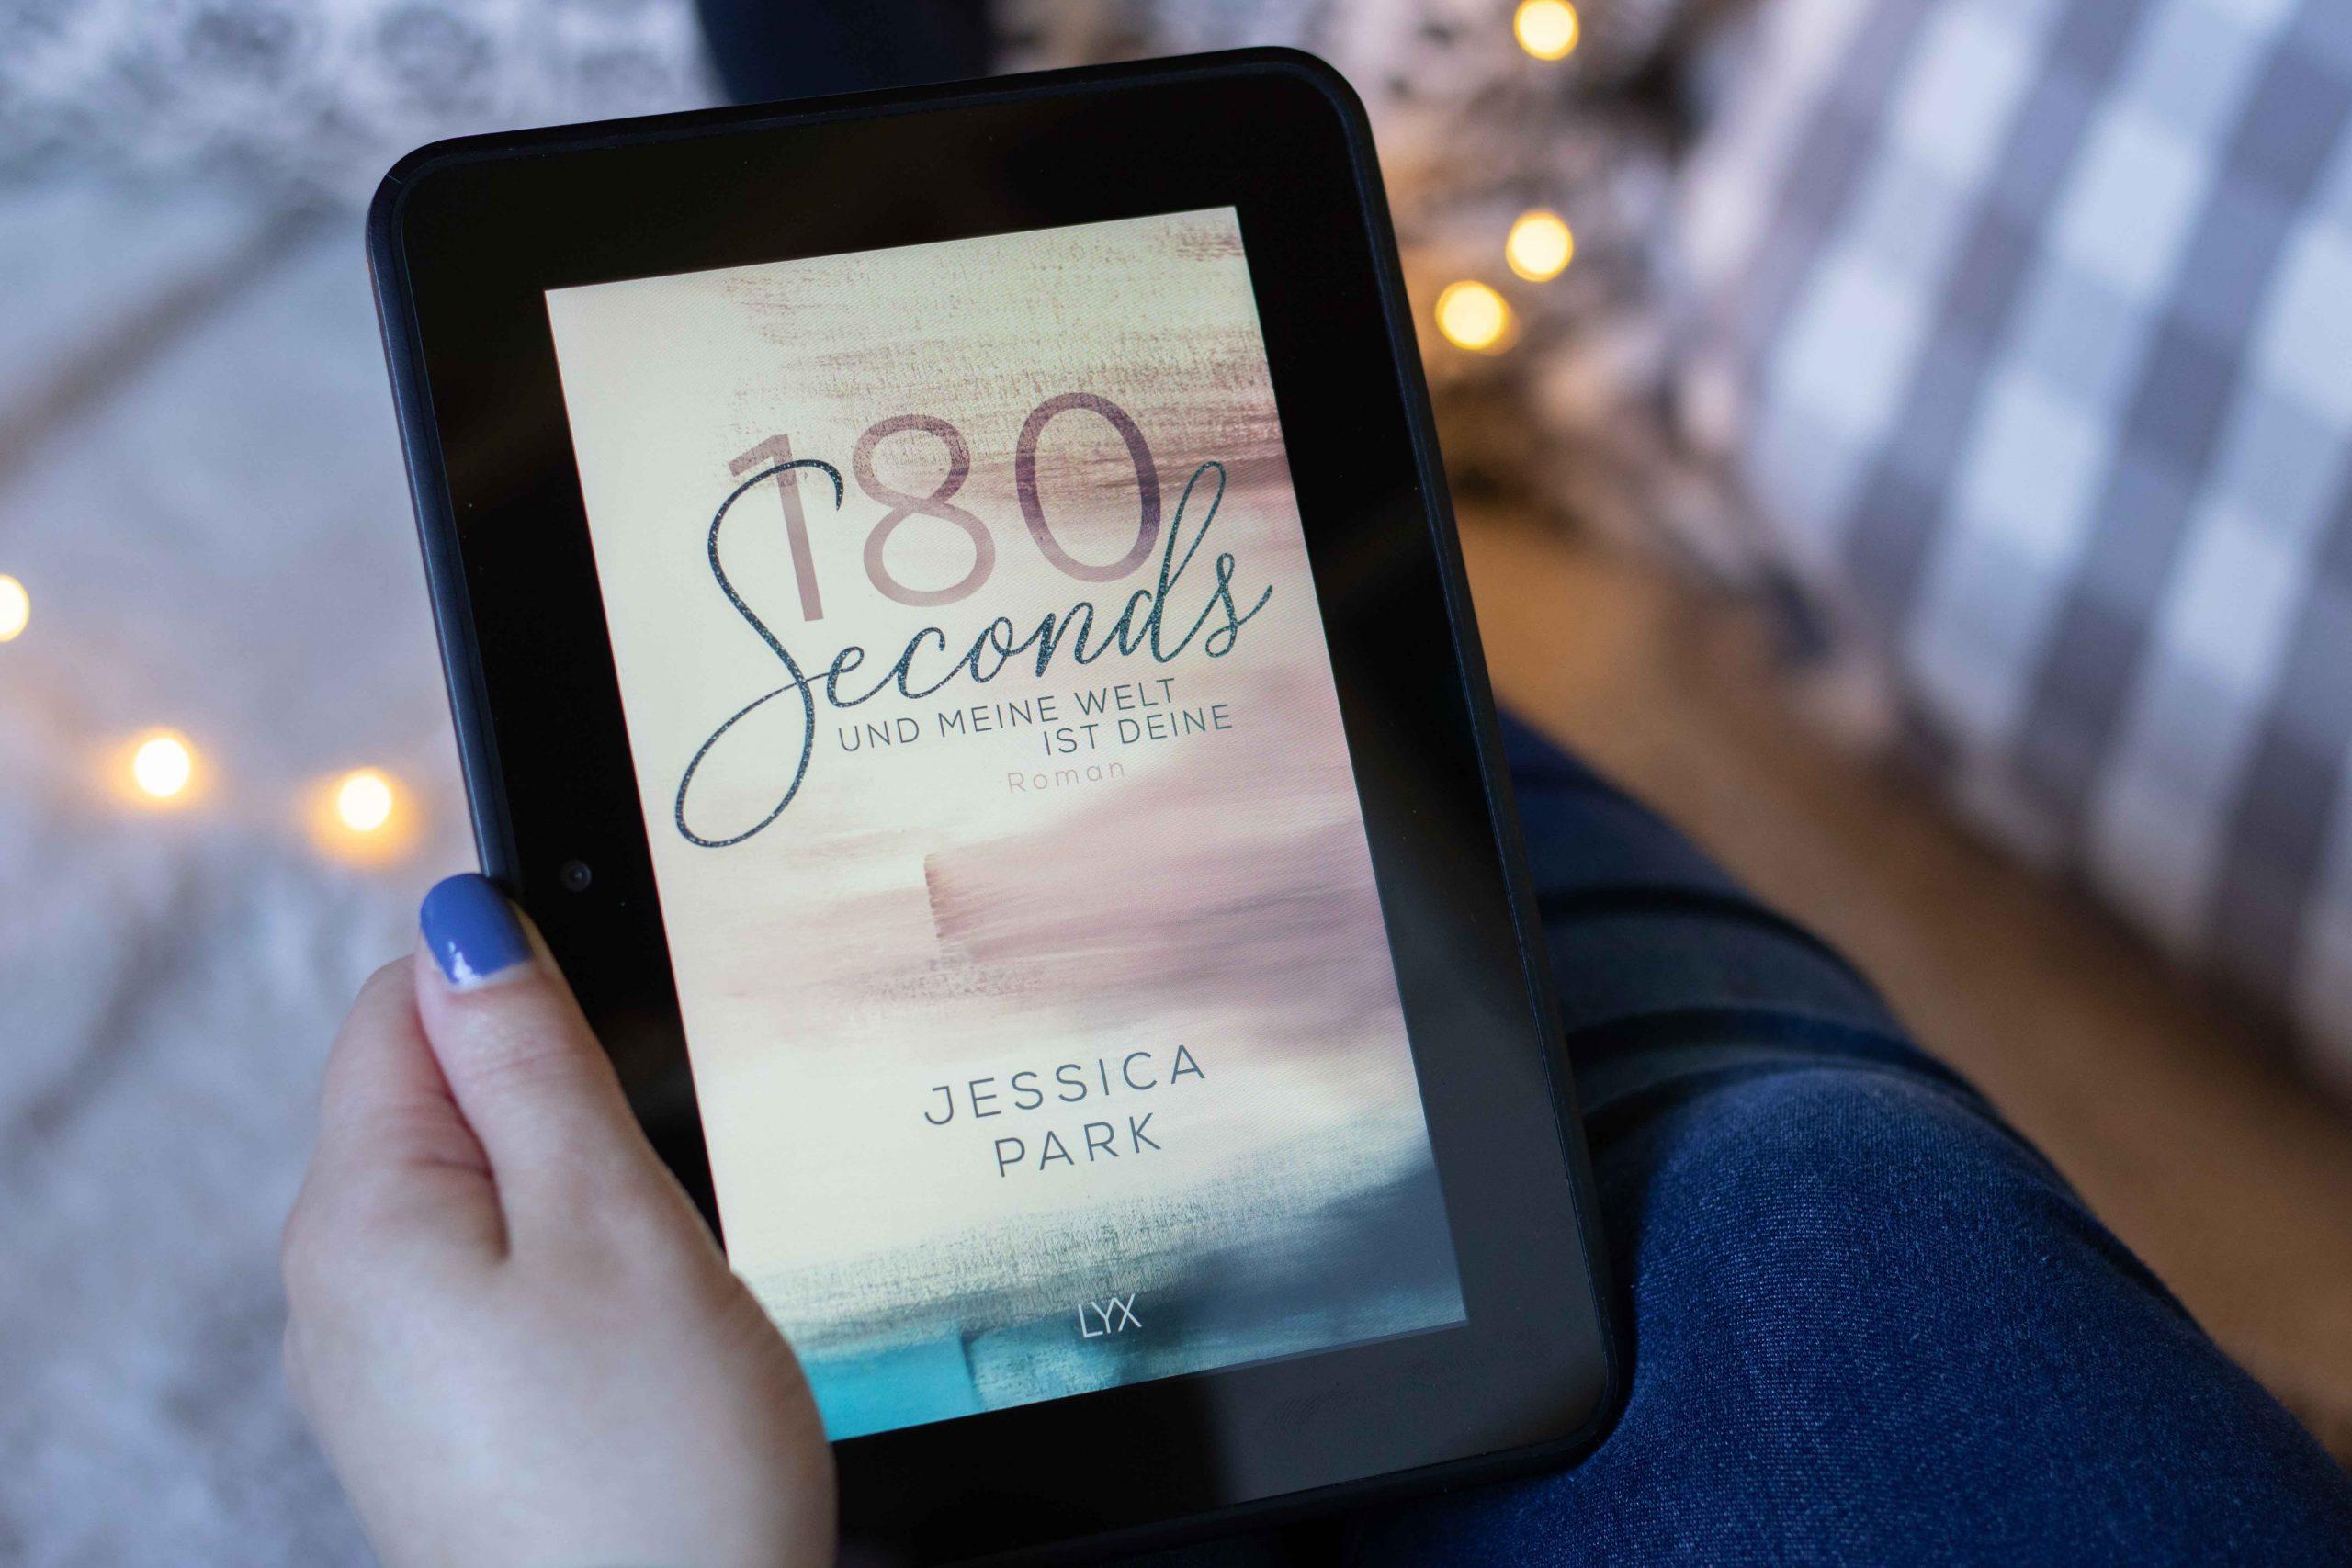 180 Seconds – Und meine Welt ist deine | Jessica Park